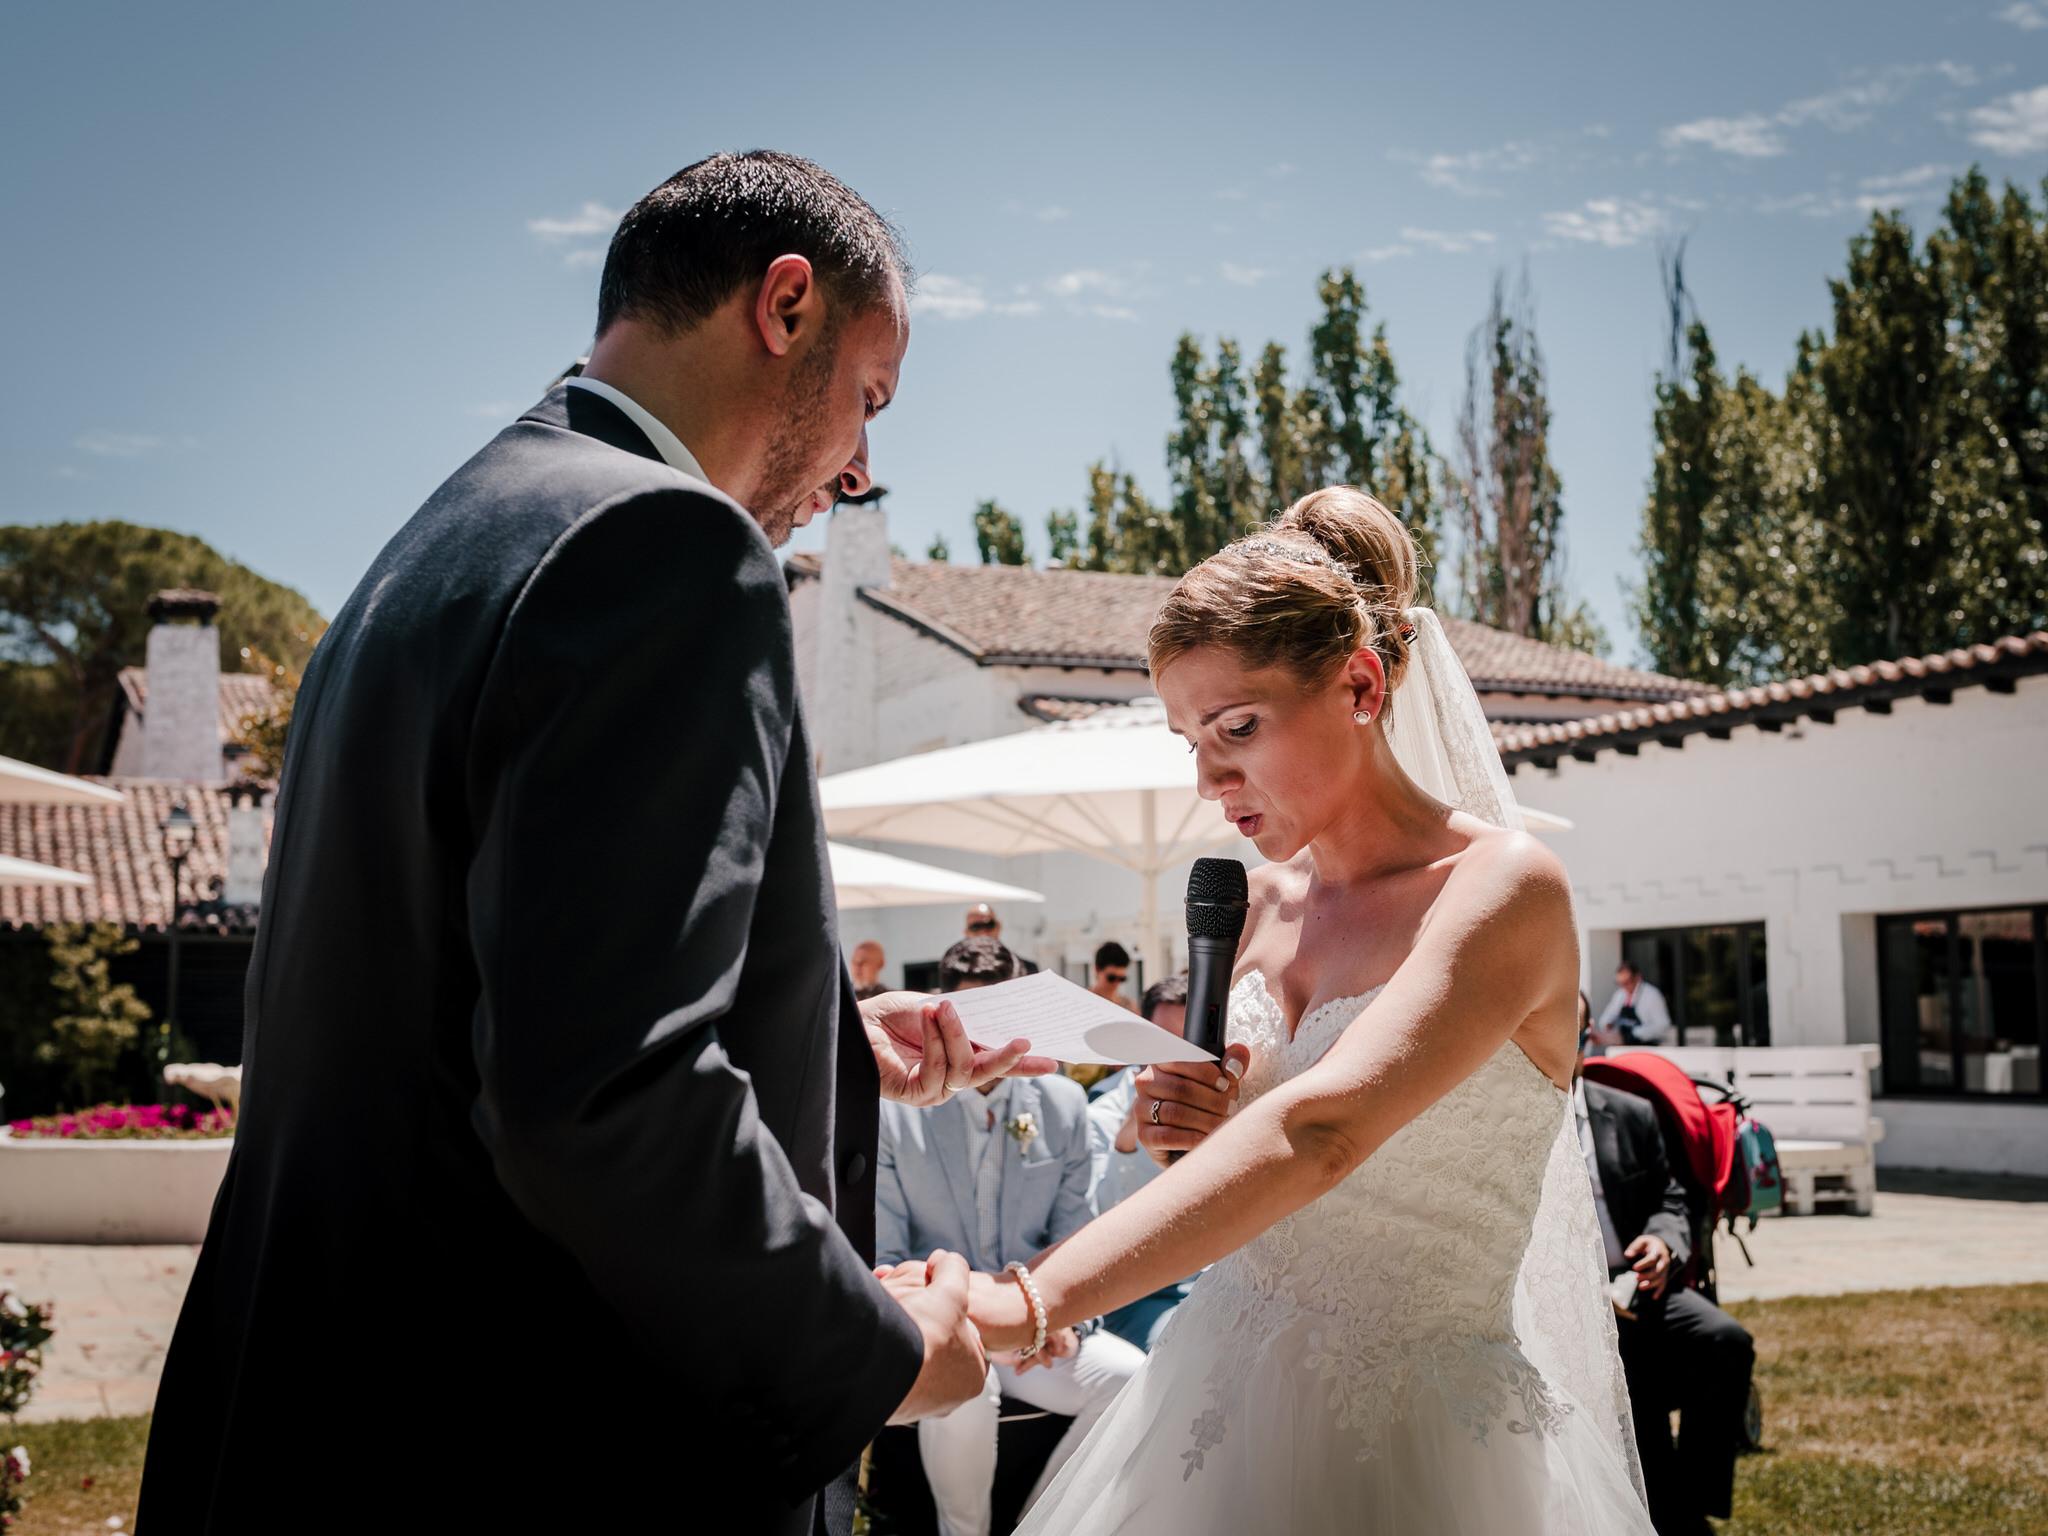 fotografos-de-boda-valladolid